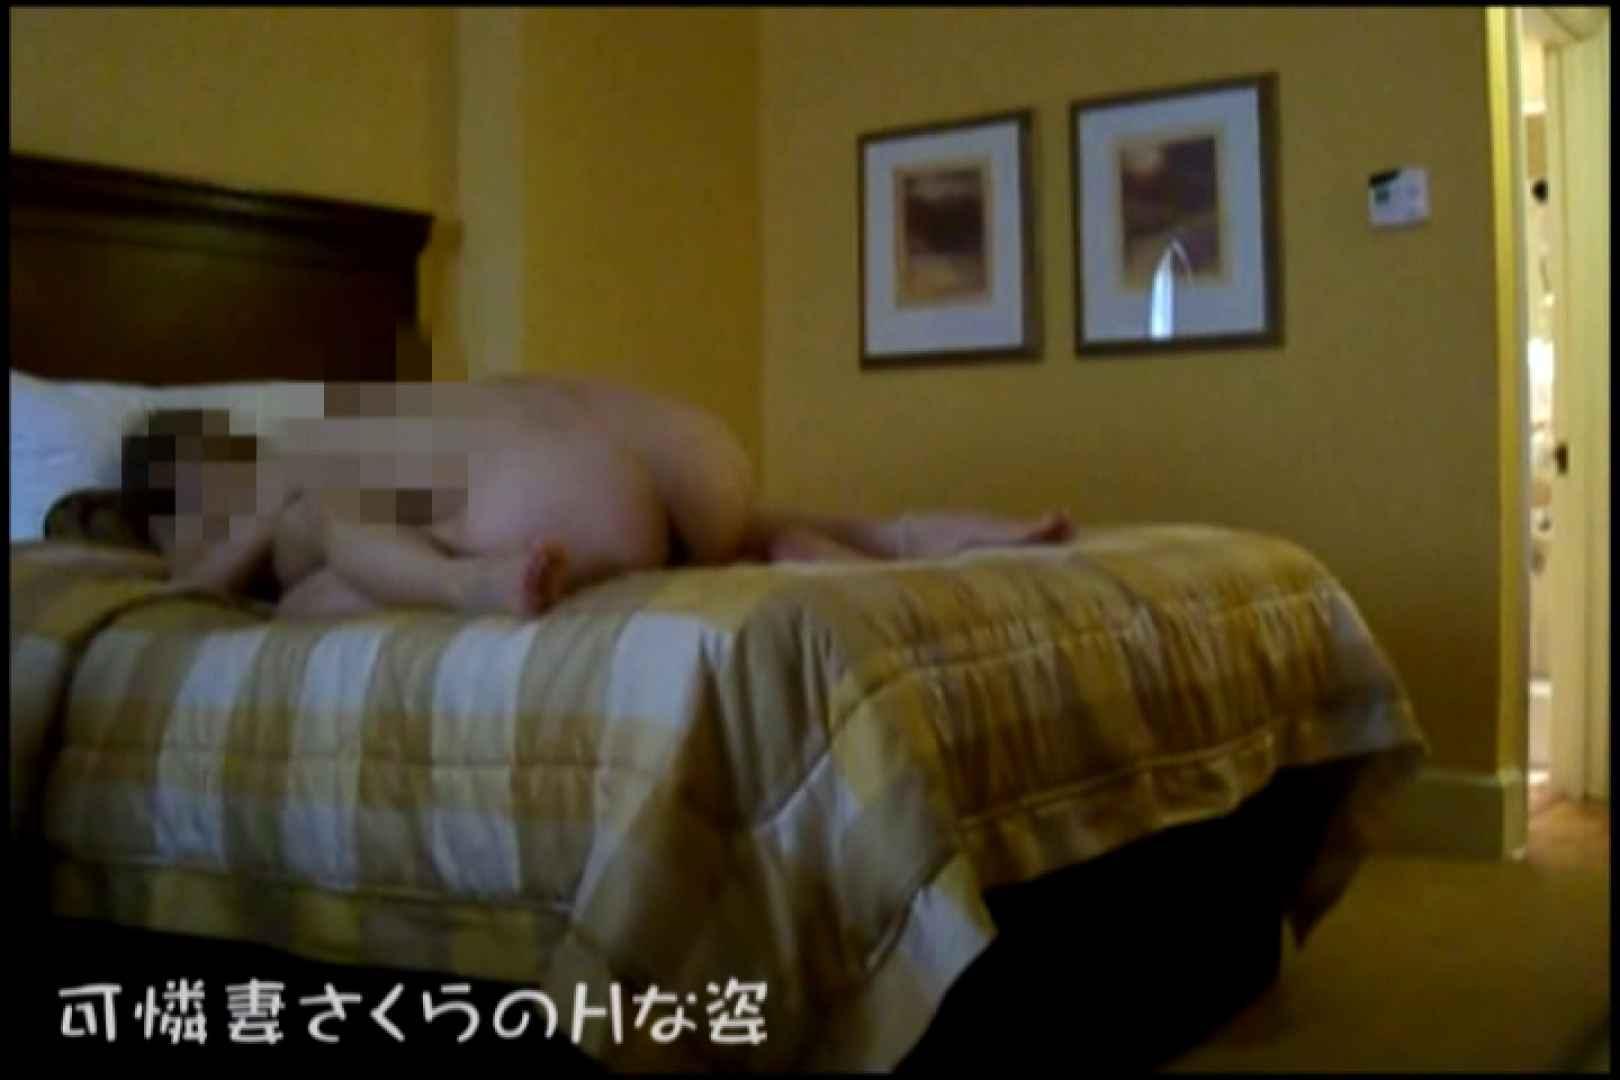 可憐妻さくらのHな姿vol.9前編 セックス映像 ヌード画像 57pic 23